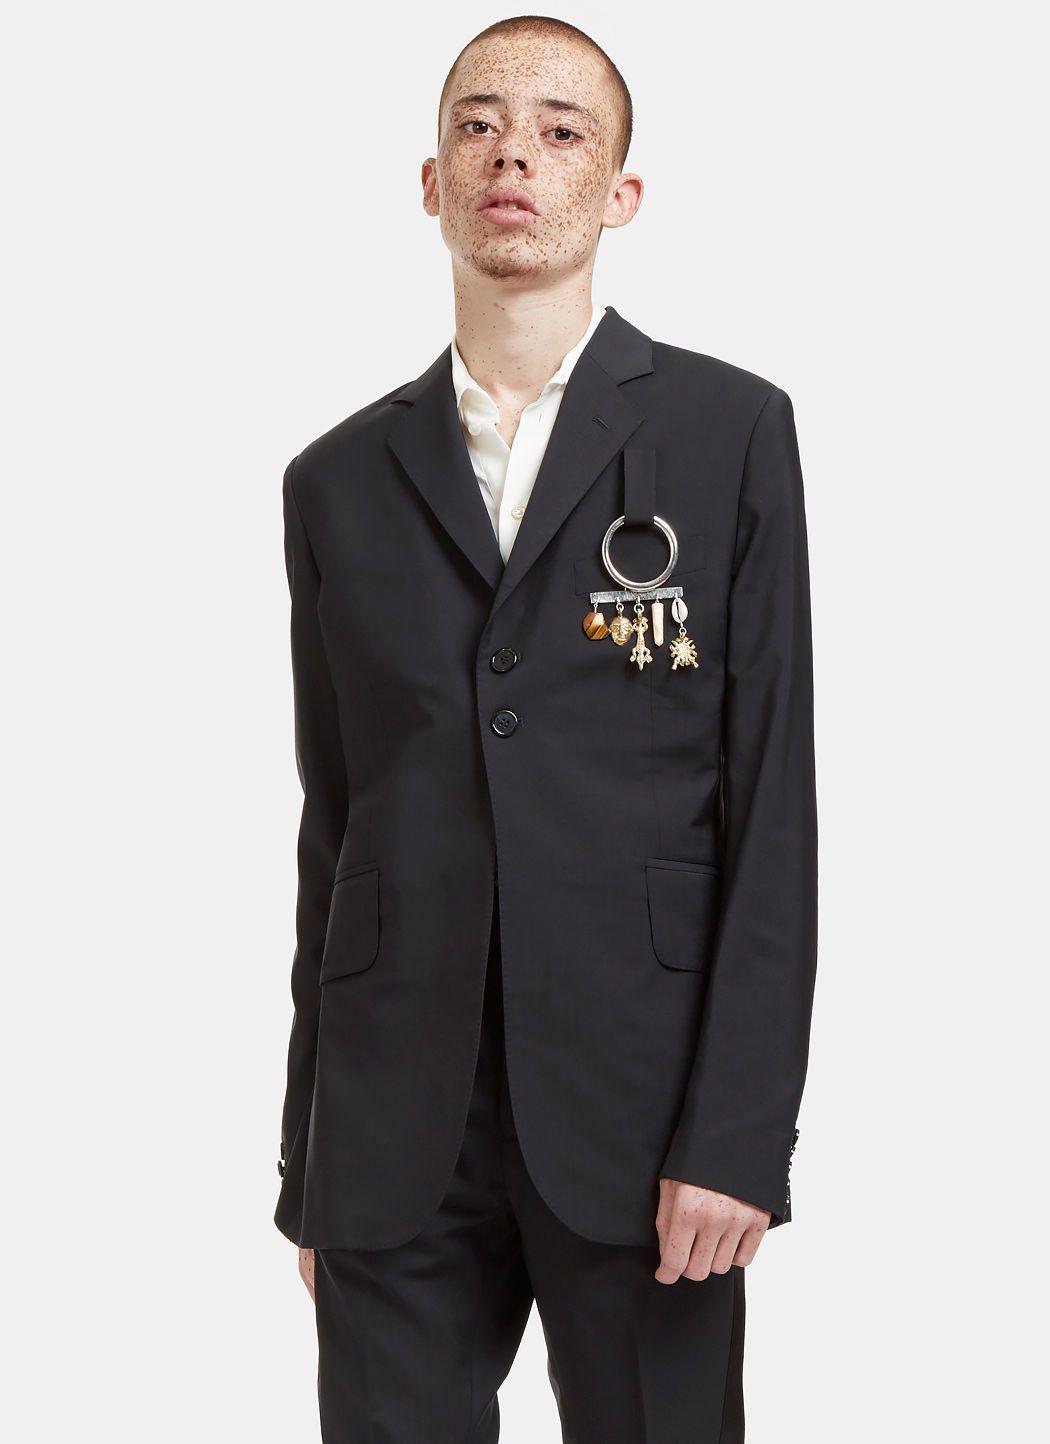 WALES BONNER Men's Alfred Charm Plaque Blazer Jacket in Black. #walesbonner #cloth #